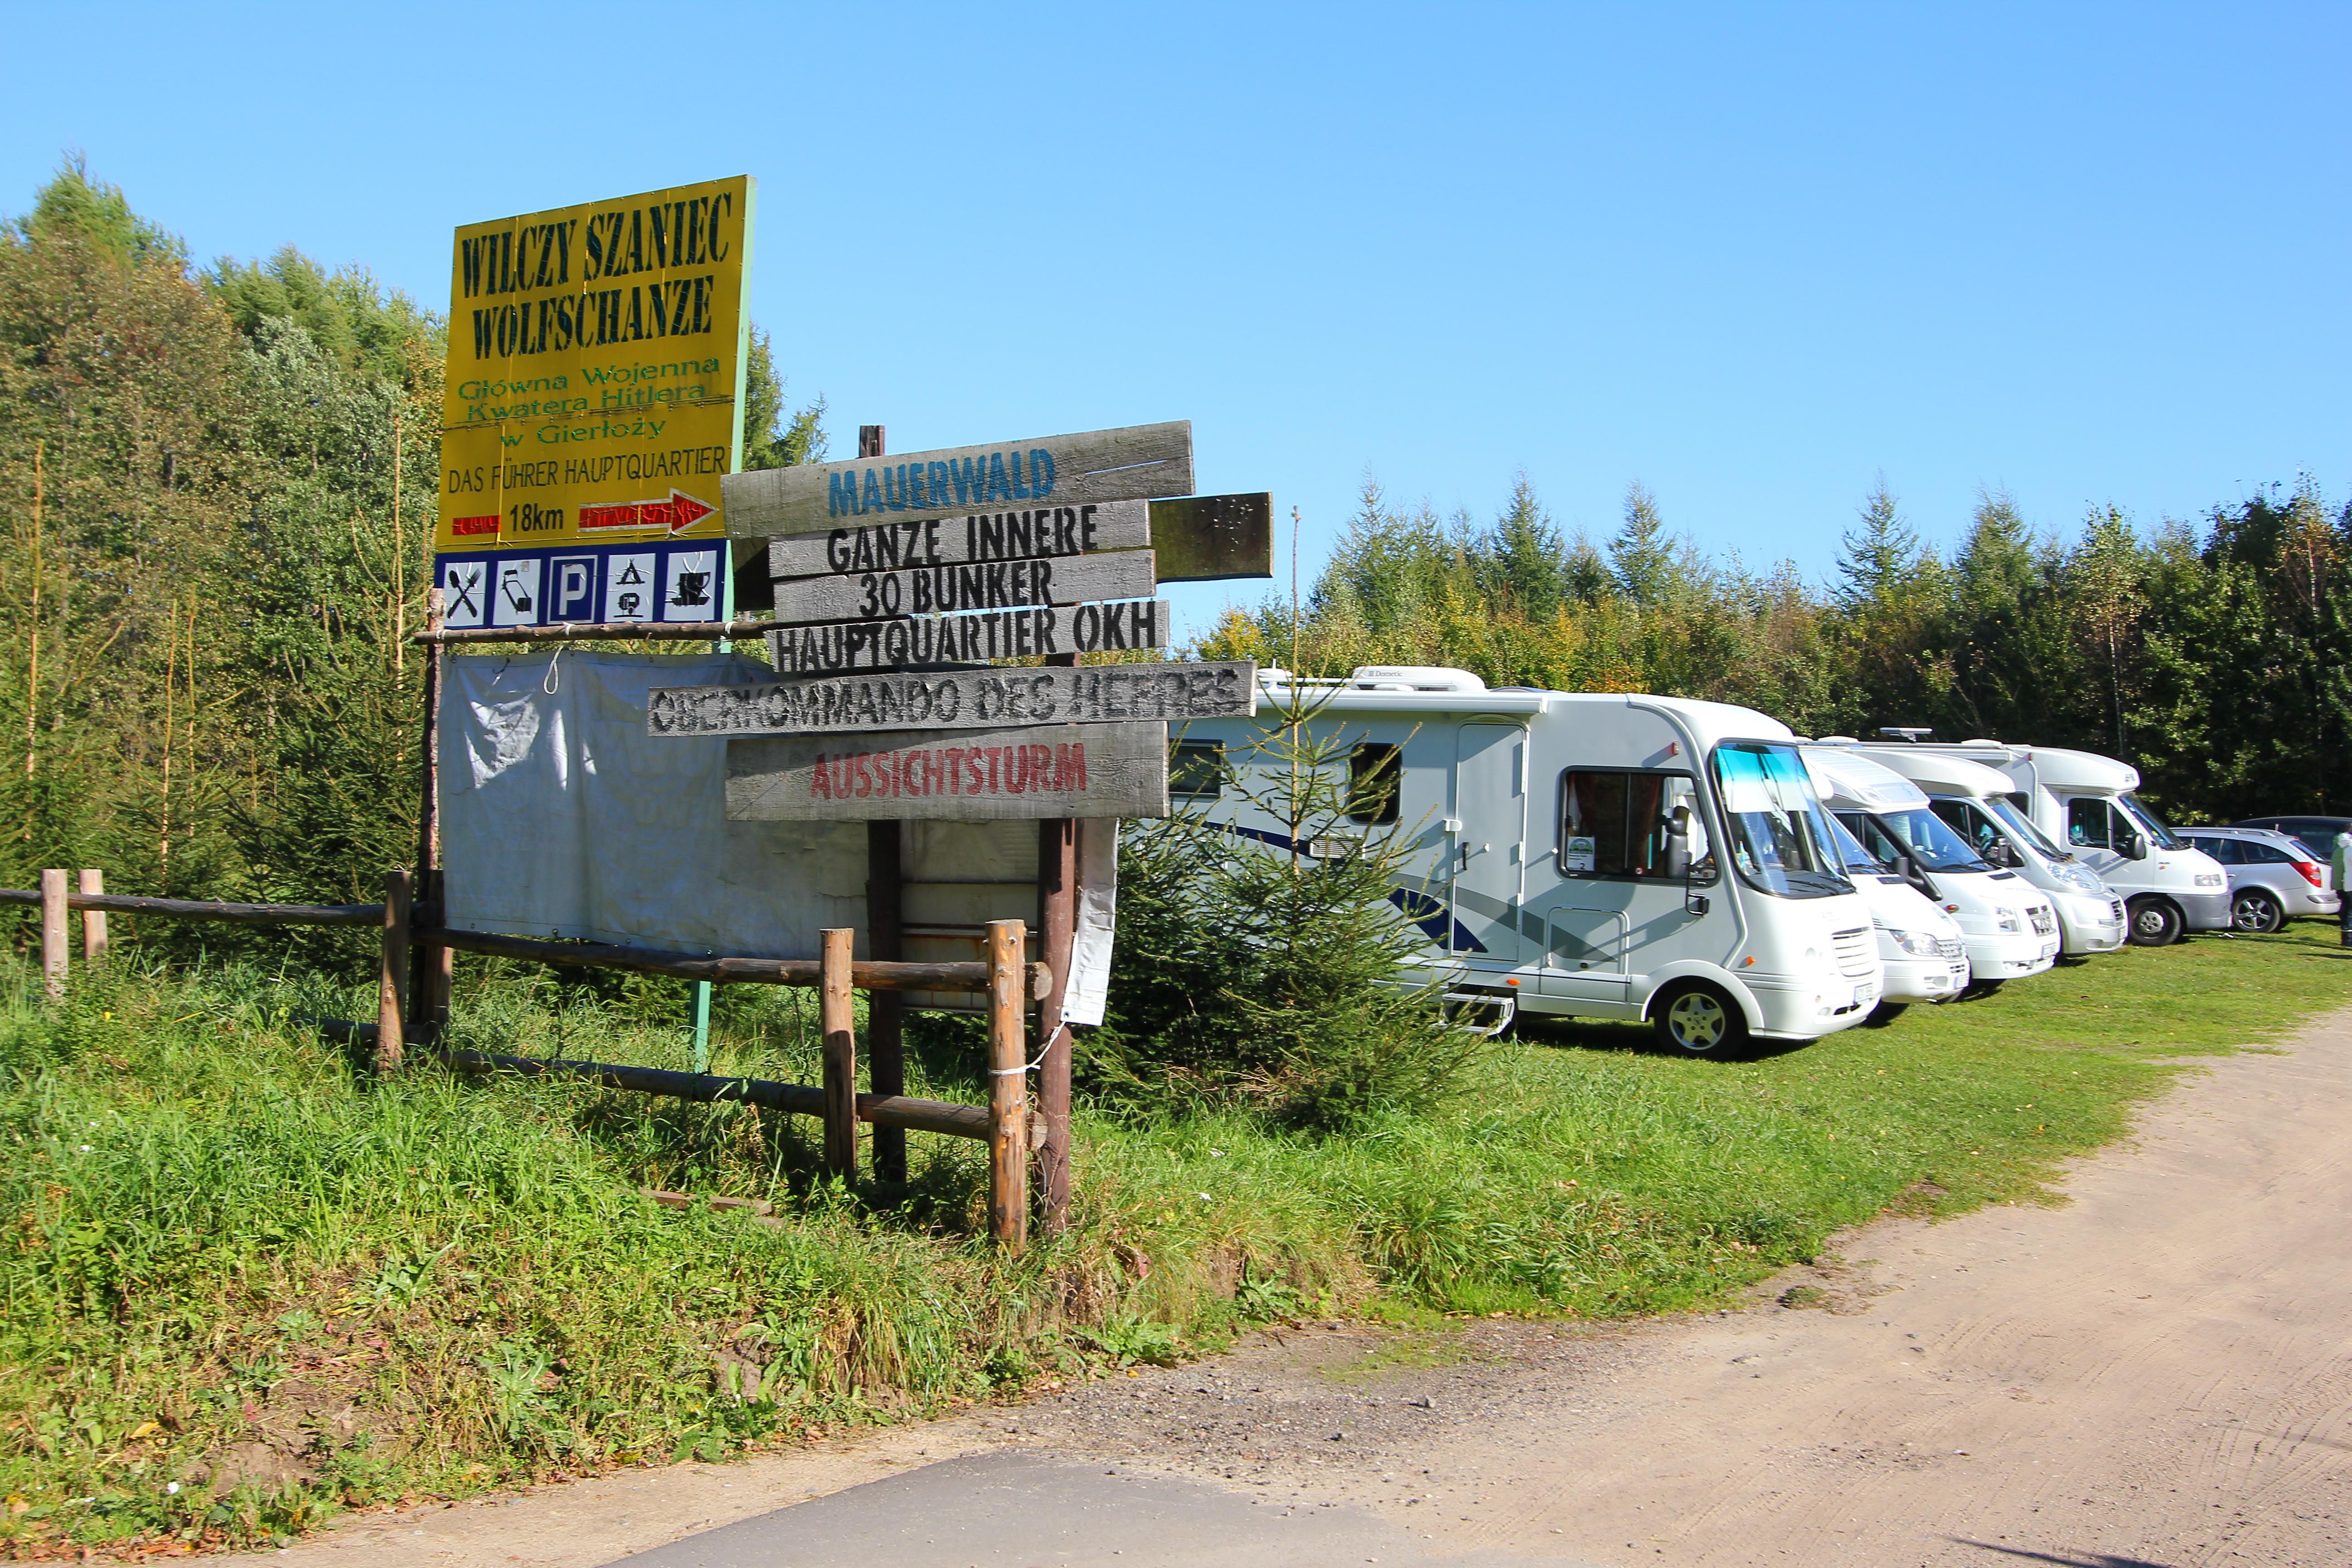 Vi er kørt ca. 20 km længere mod nord til et andet bunkersanlæg i Mauerwald.